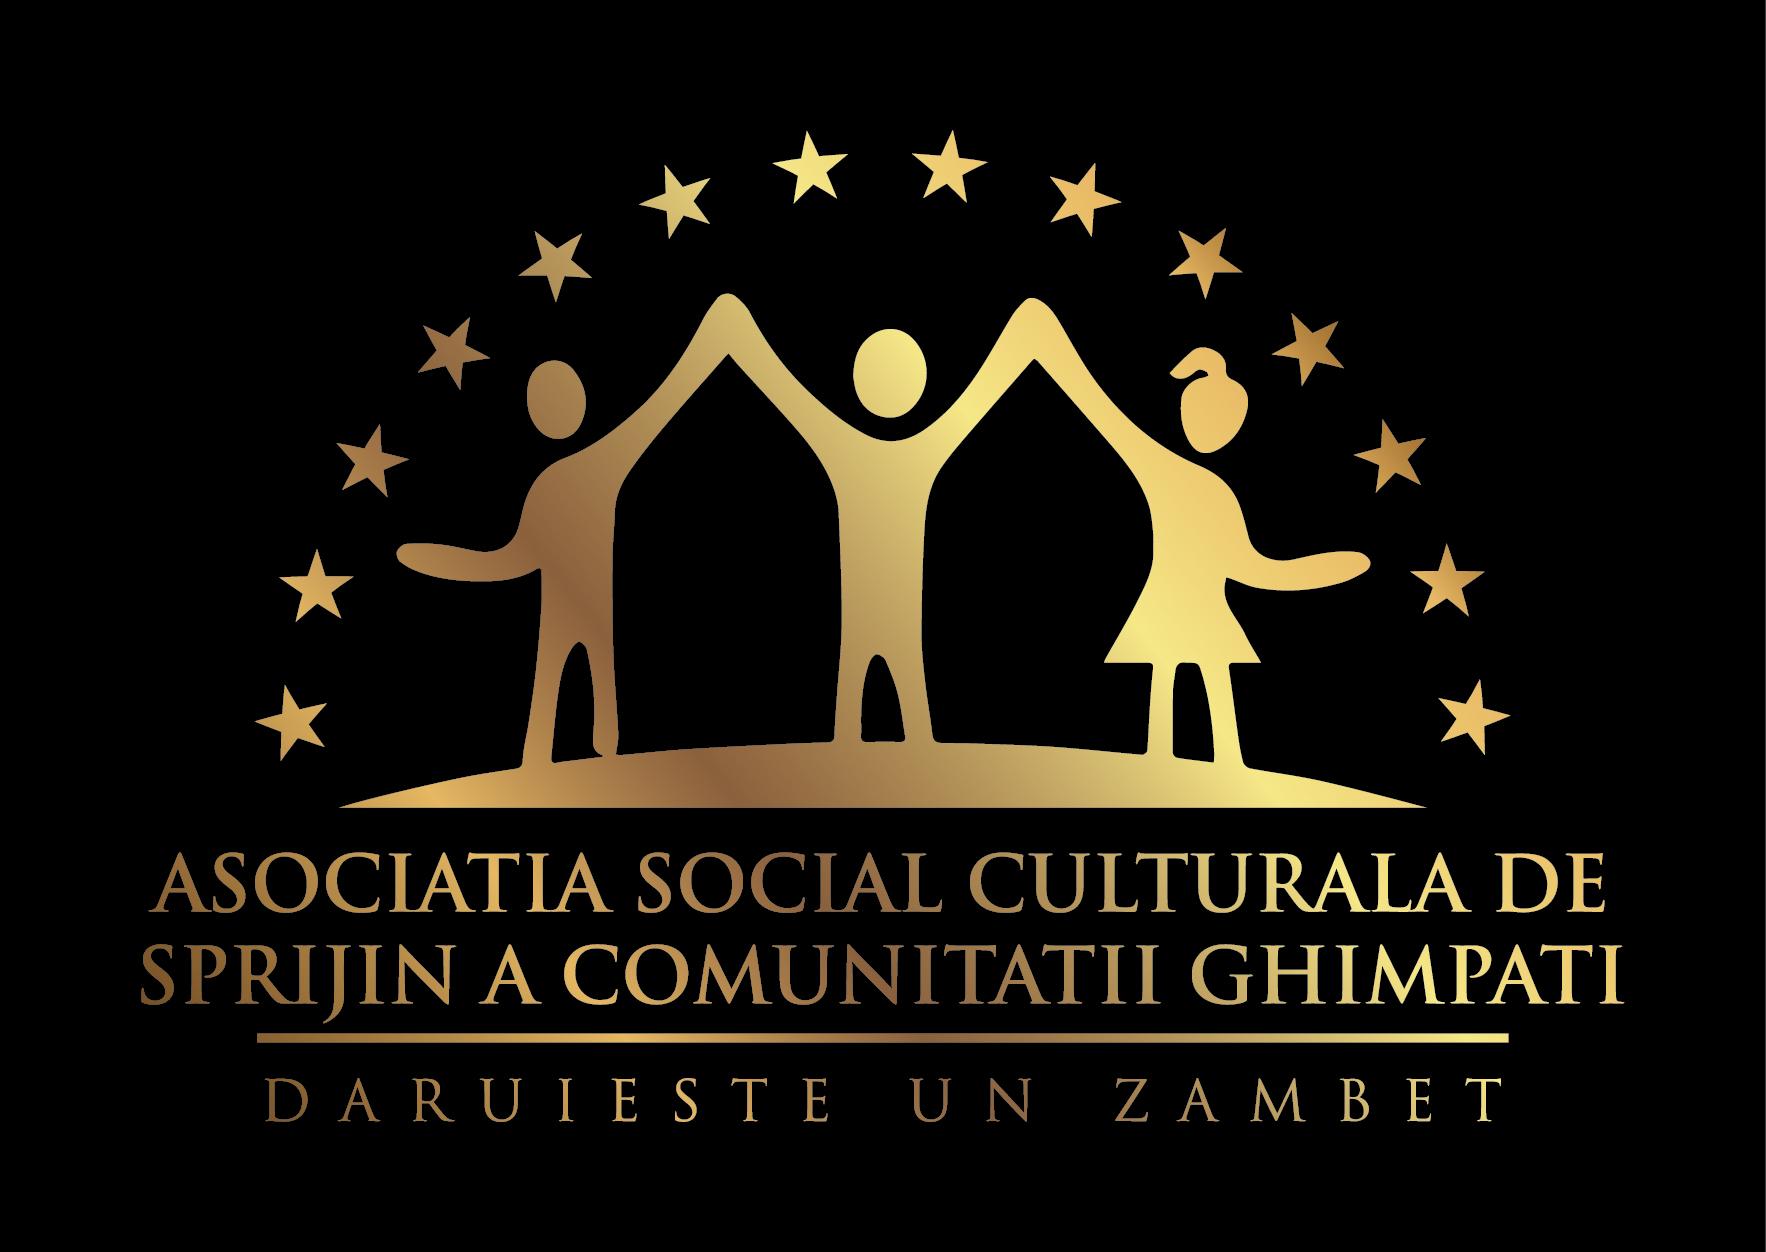 """ONG-ul """"ASOCIAŢIA SOCIAL CULTURALĂ DE SPRIJIN A COMUNITĂŢII GHIMPAŢI ŞI JUDEŢULUI GIURGIU-DĂRUIEŞTE UN ZÂMBET """"  vine în sprijinul persoanelor defavorizate"""